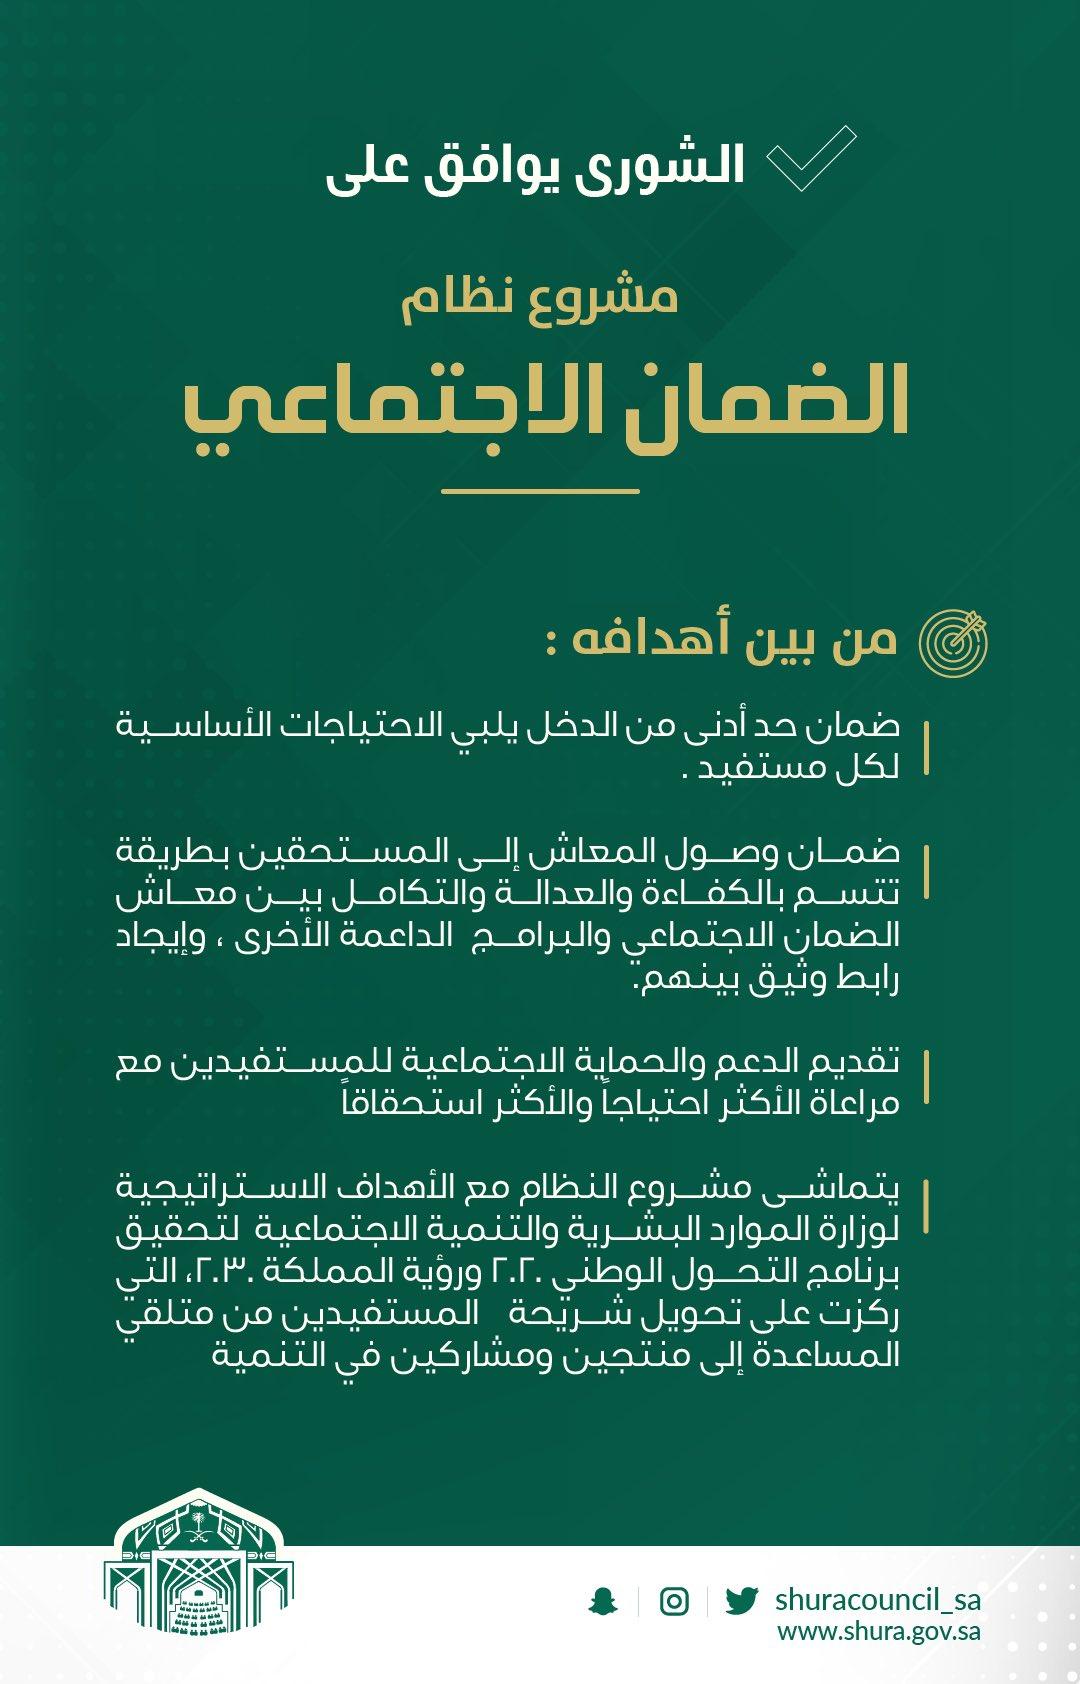 مجلس الشورى No Twitter الشورى يوافق على مشروع نظام الضمان الاجتماعي